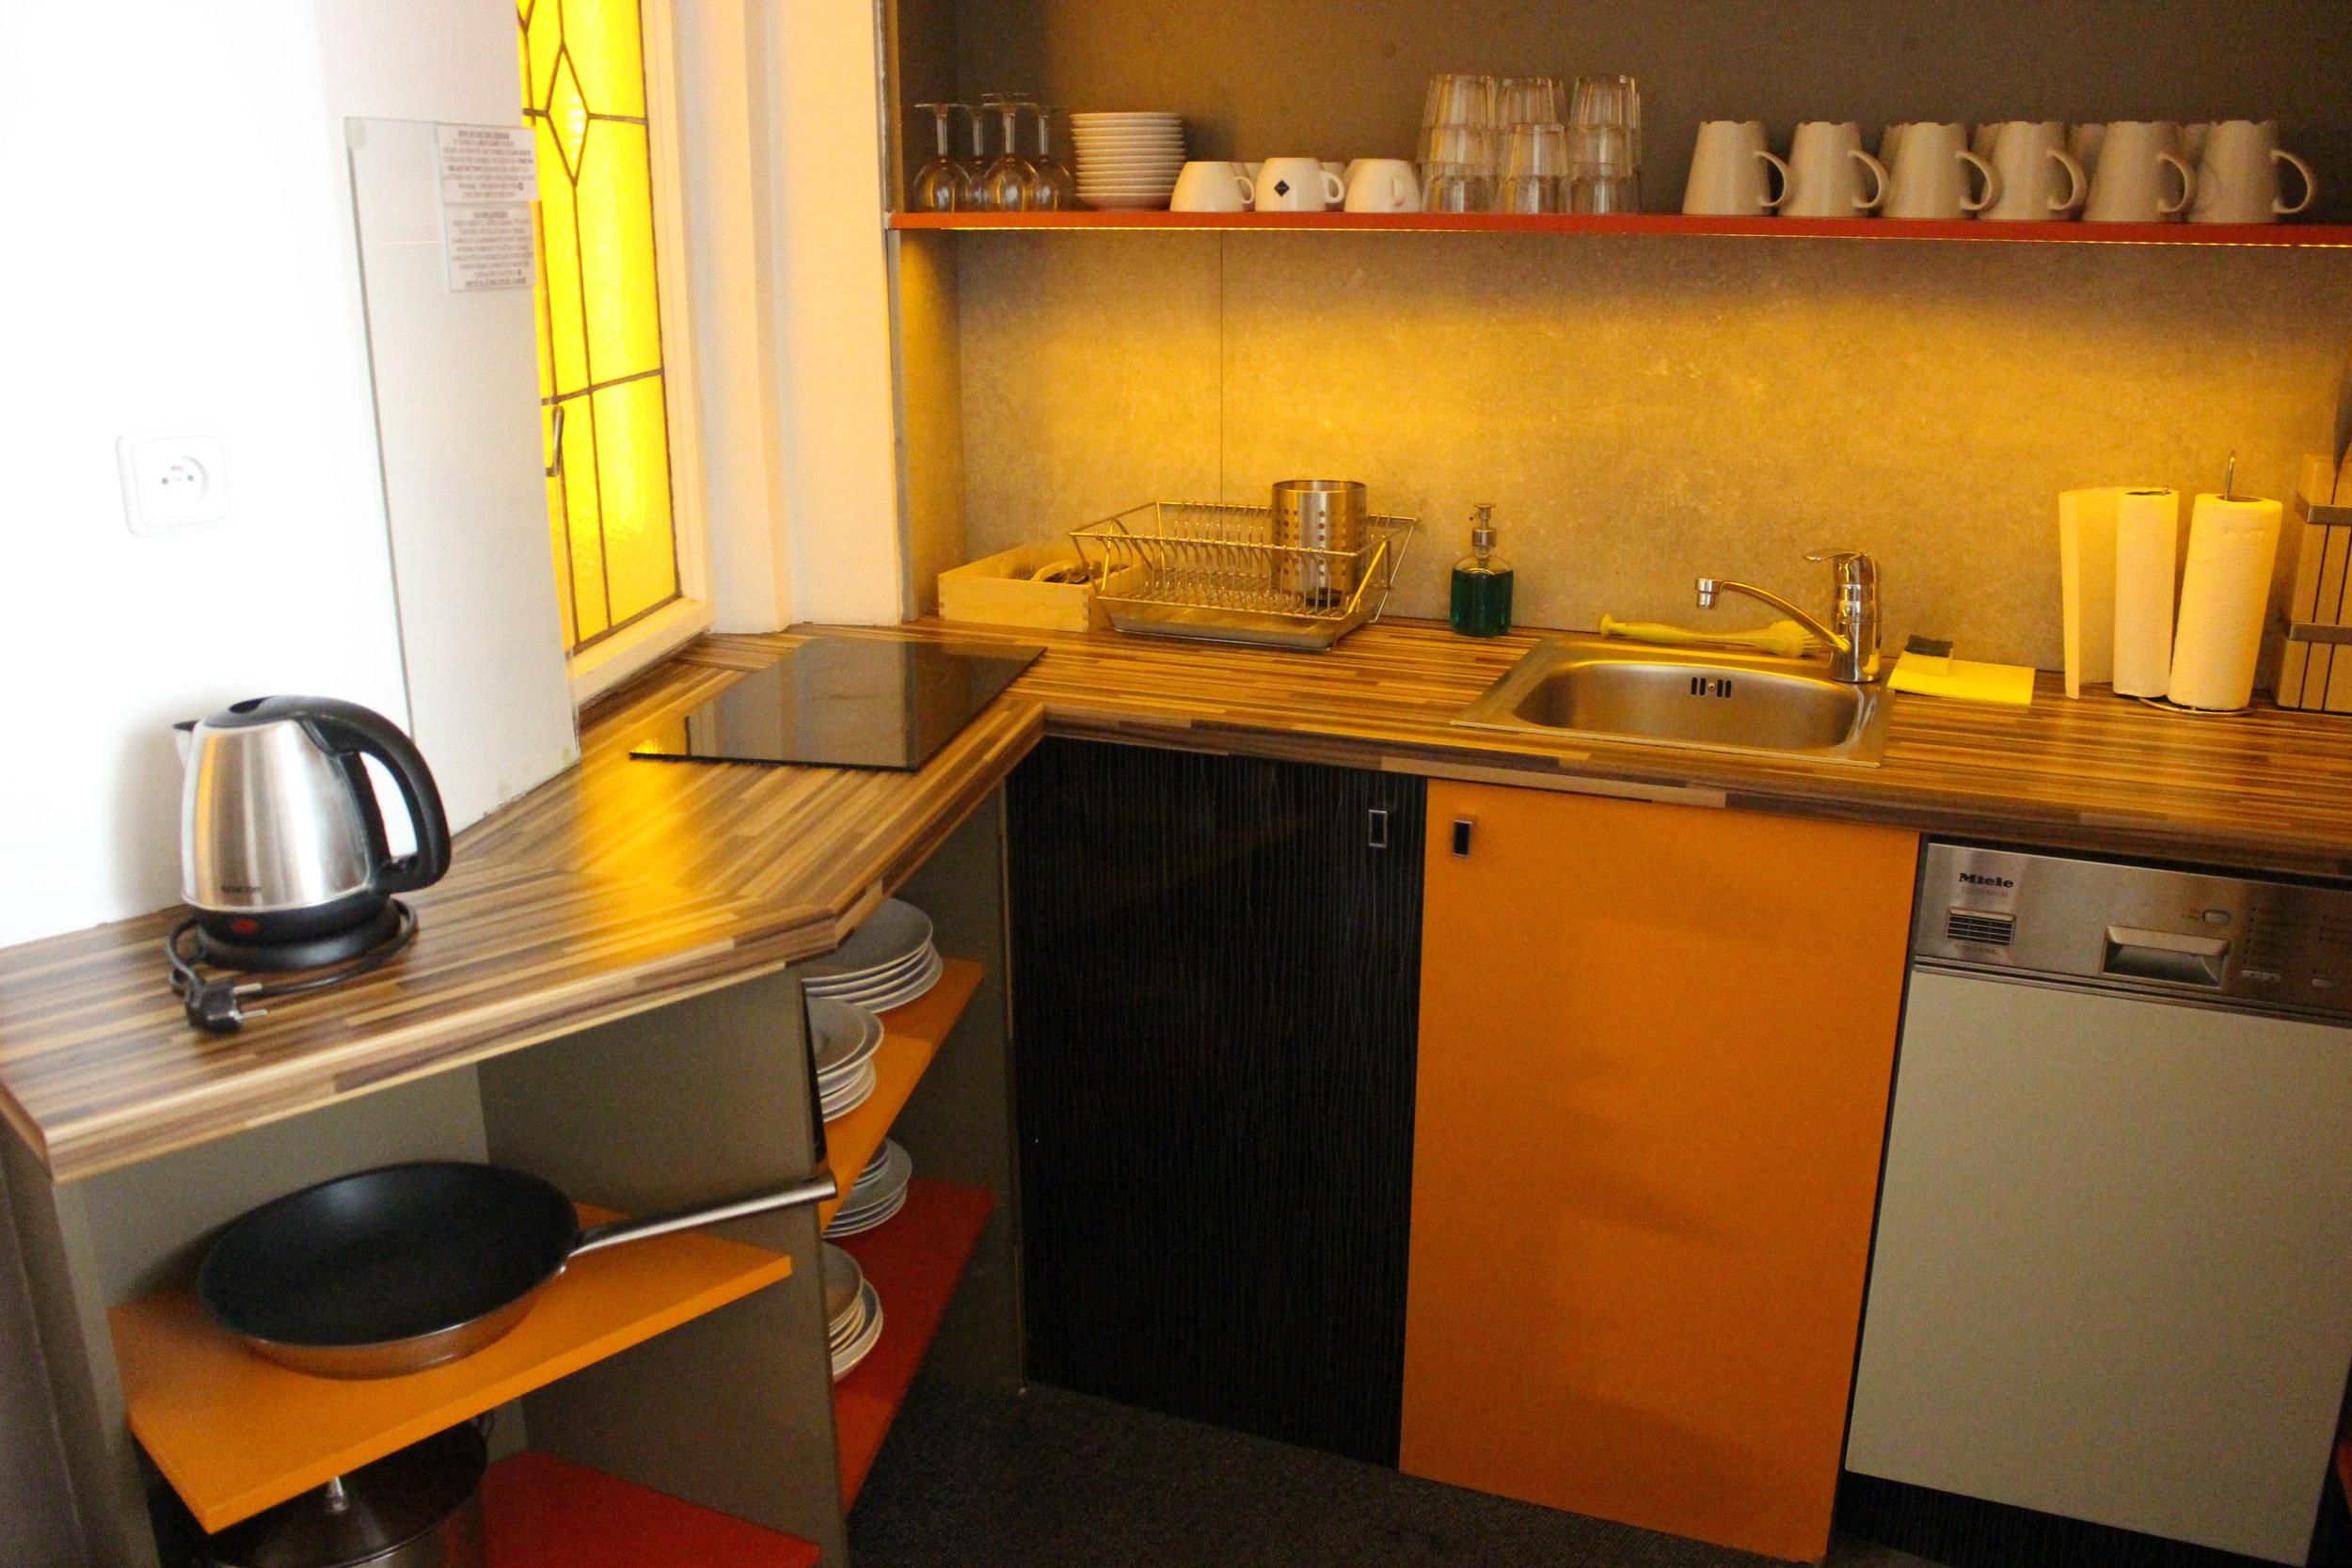 Kitchen at Jacob Brno Hostel